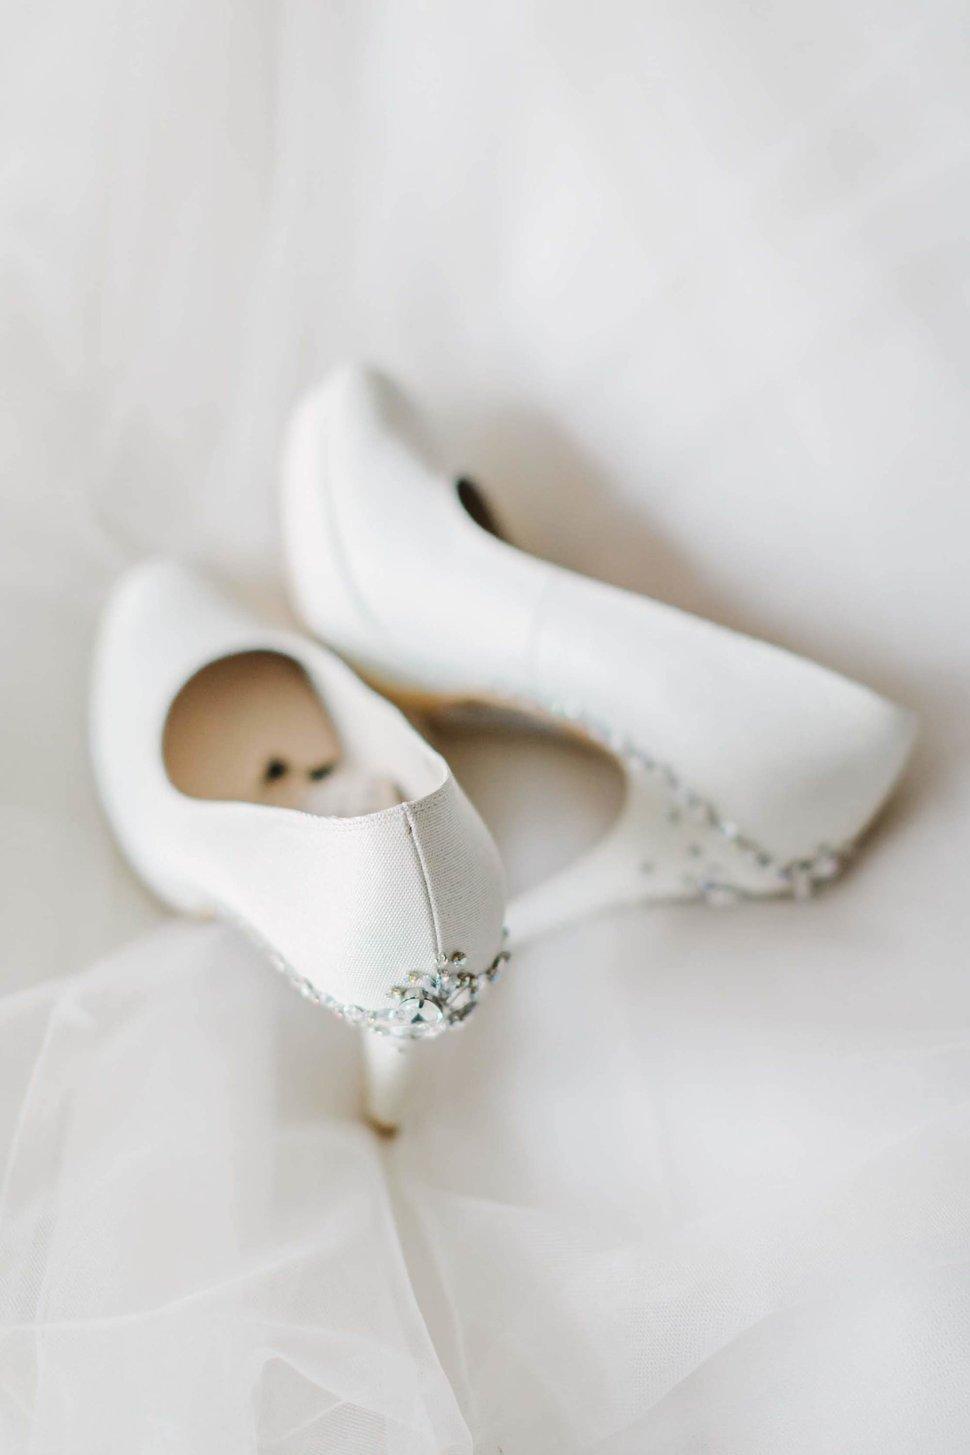 高雄林皇宮婚禮 -美式婚禮-美式婚禮紀錄- 教堂證婚-Amazing Grace 攝影美學 -台北婚禮紀錄 - Amazing Grace Studio55 - Amazing Grace Studio《結婚吧》